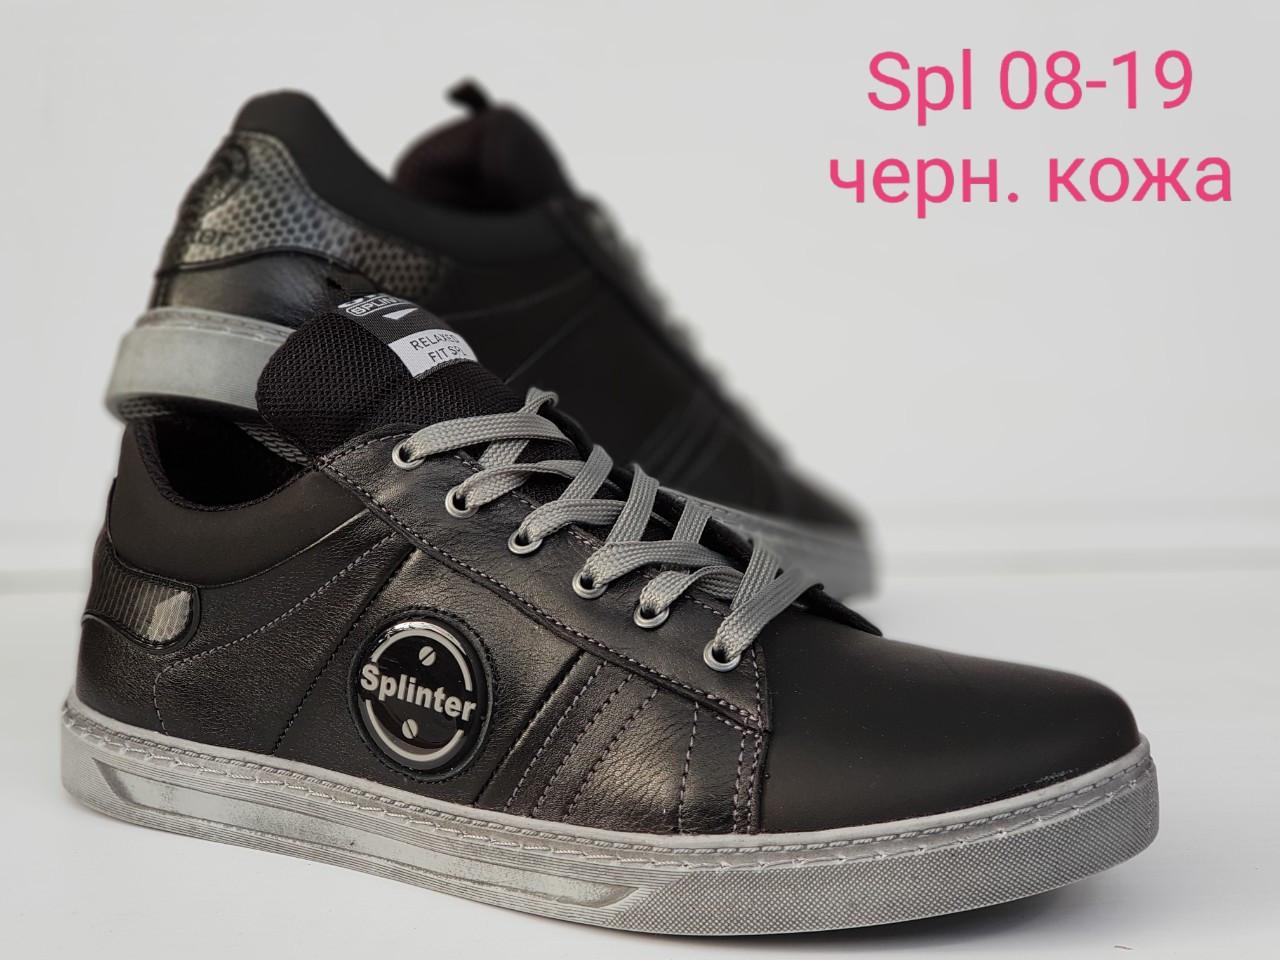 Кроссовки в стиле Splinter 08-19 черные